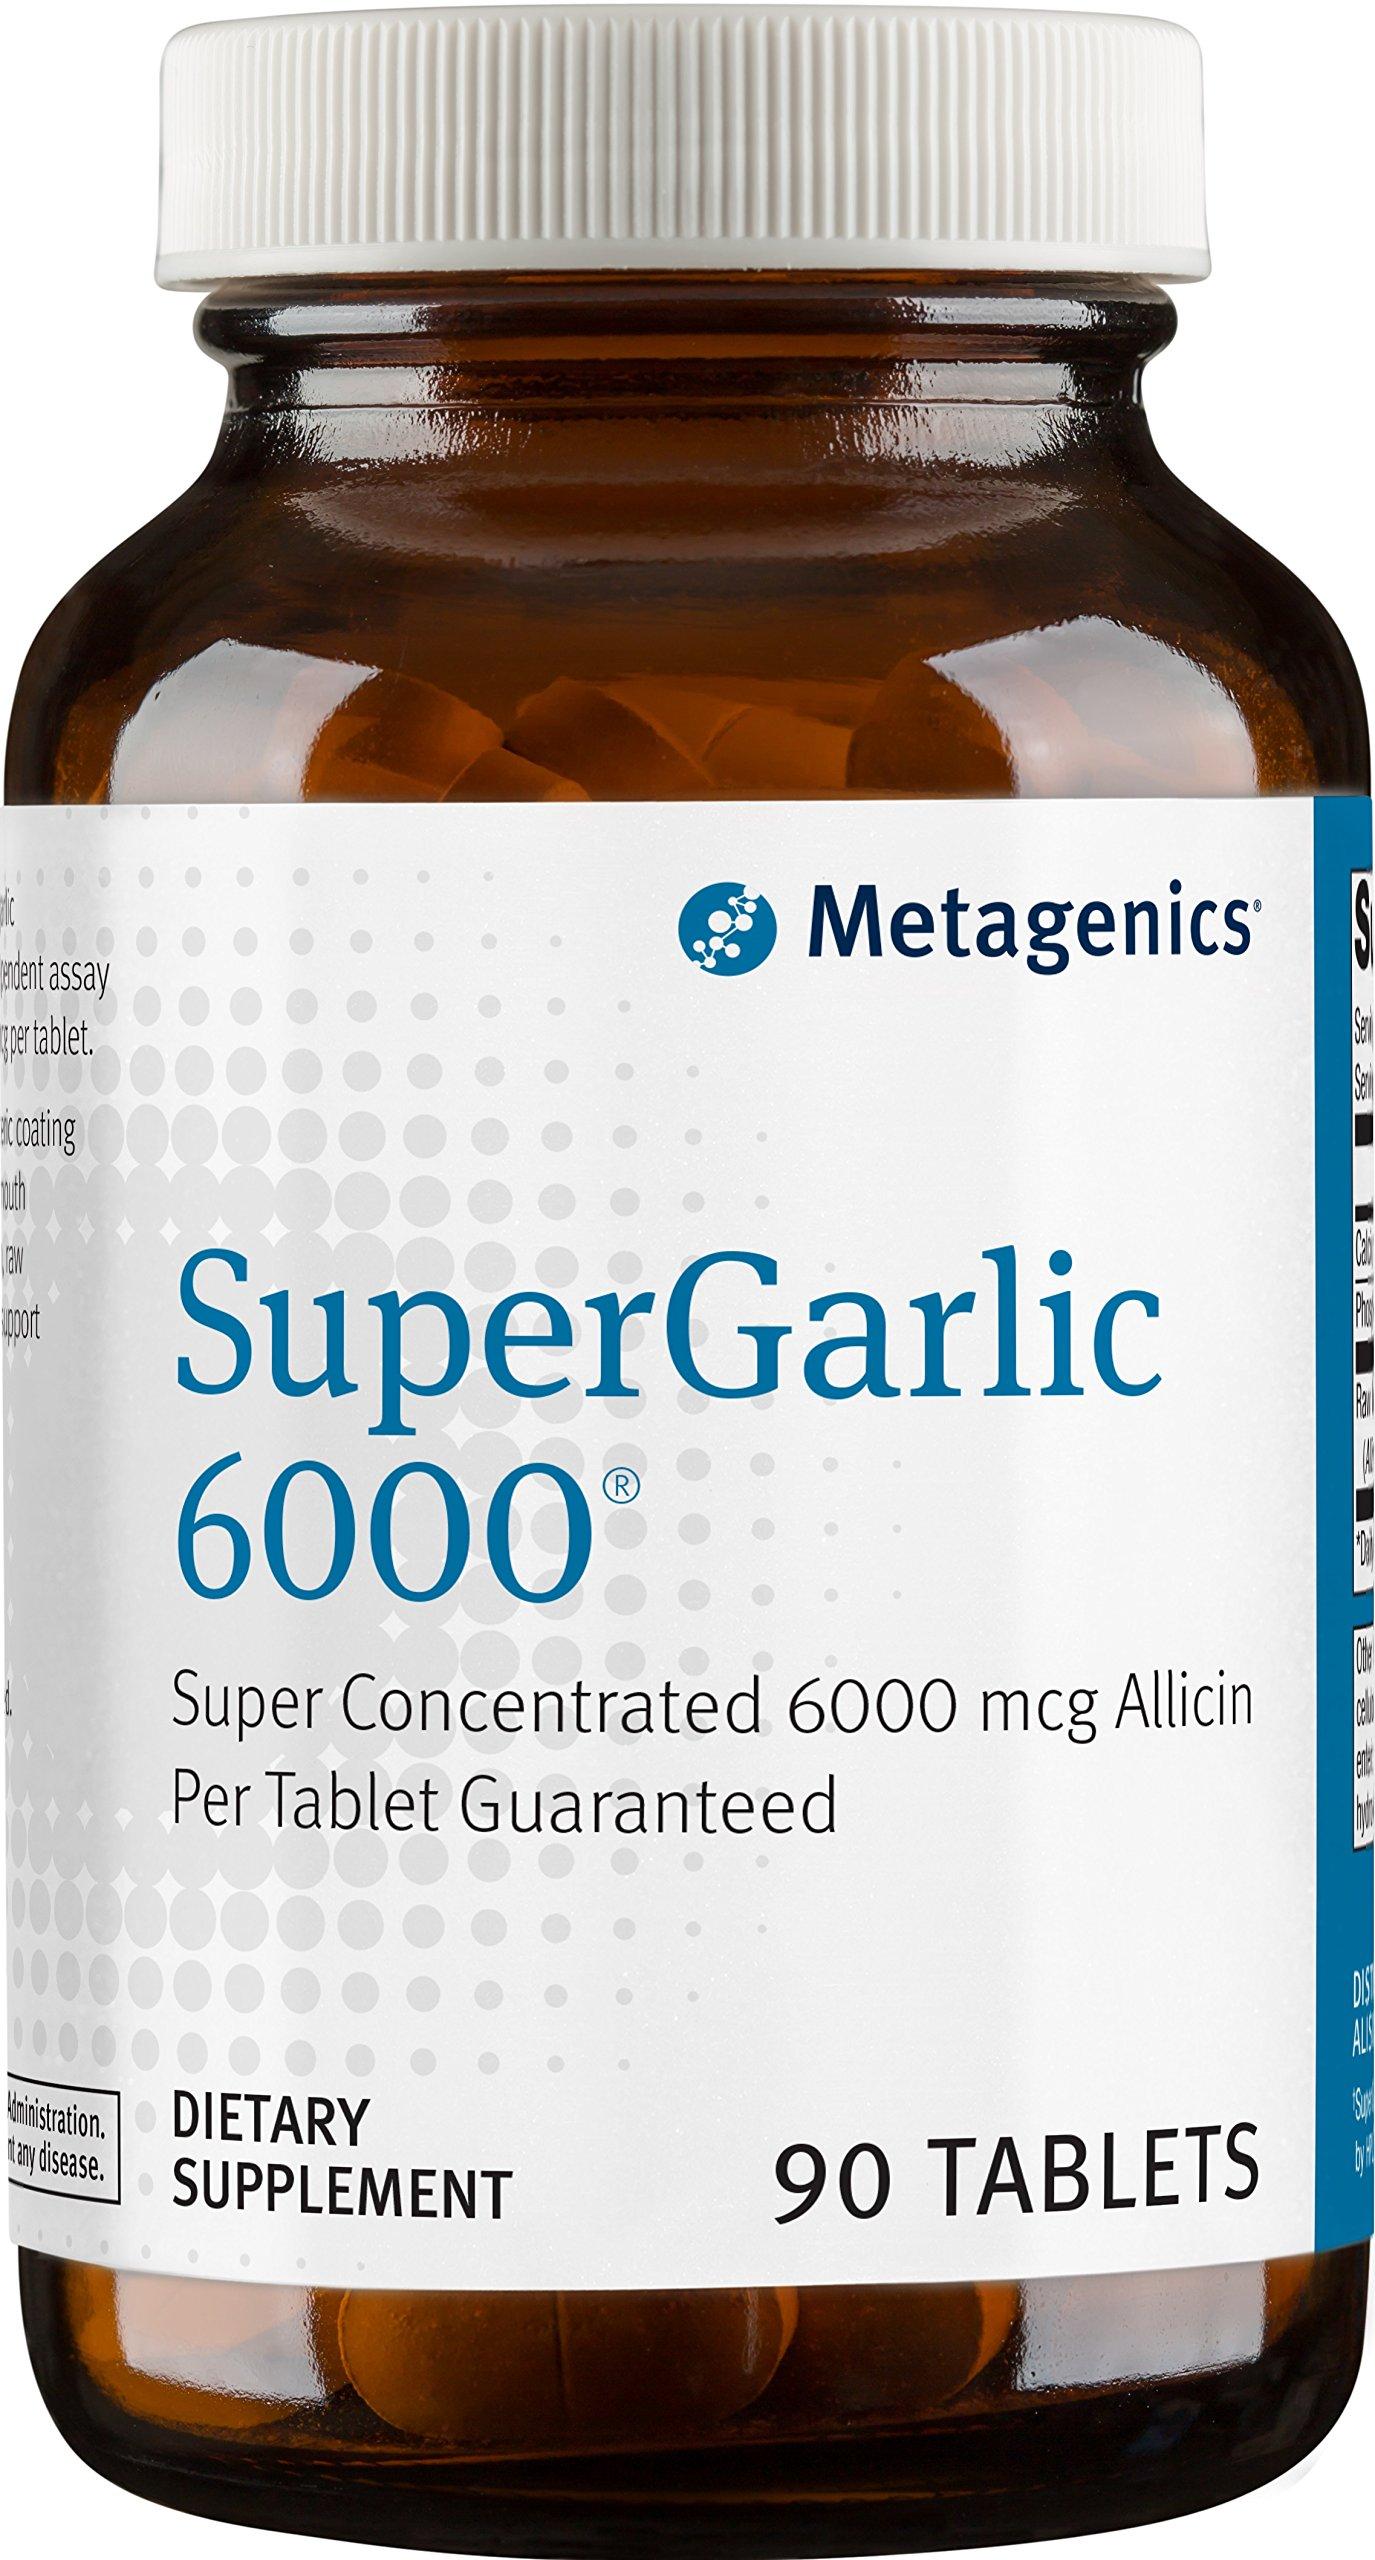 Metagenics - SuperGarlic 6000, 90 Count